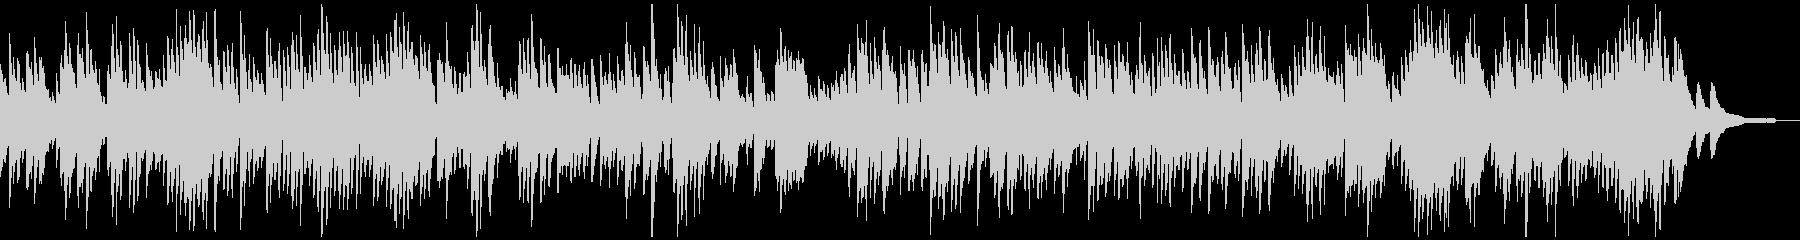 バッハ_インヴェンション第9番_ピアノの未再生の波形